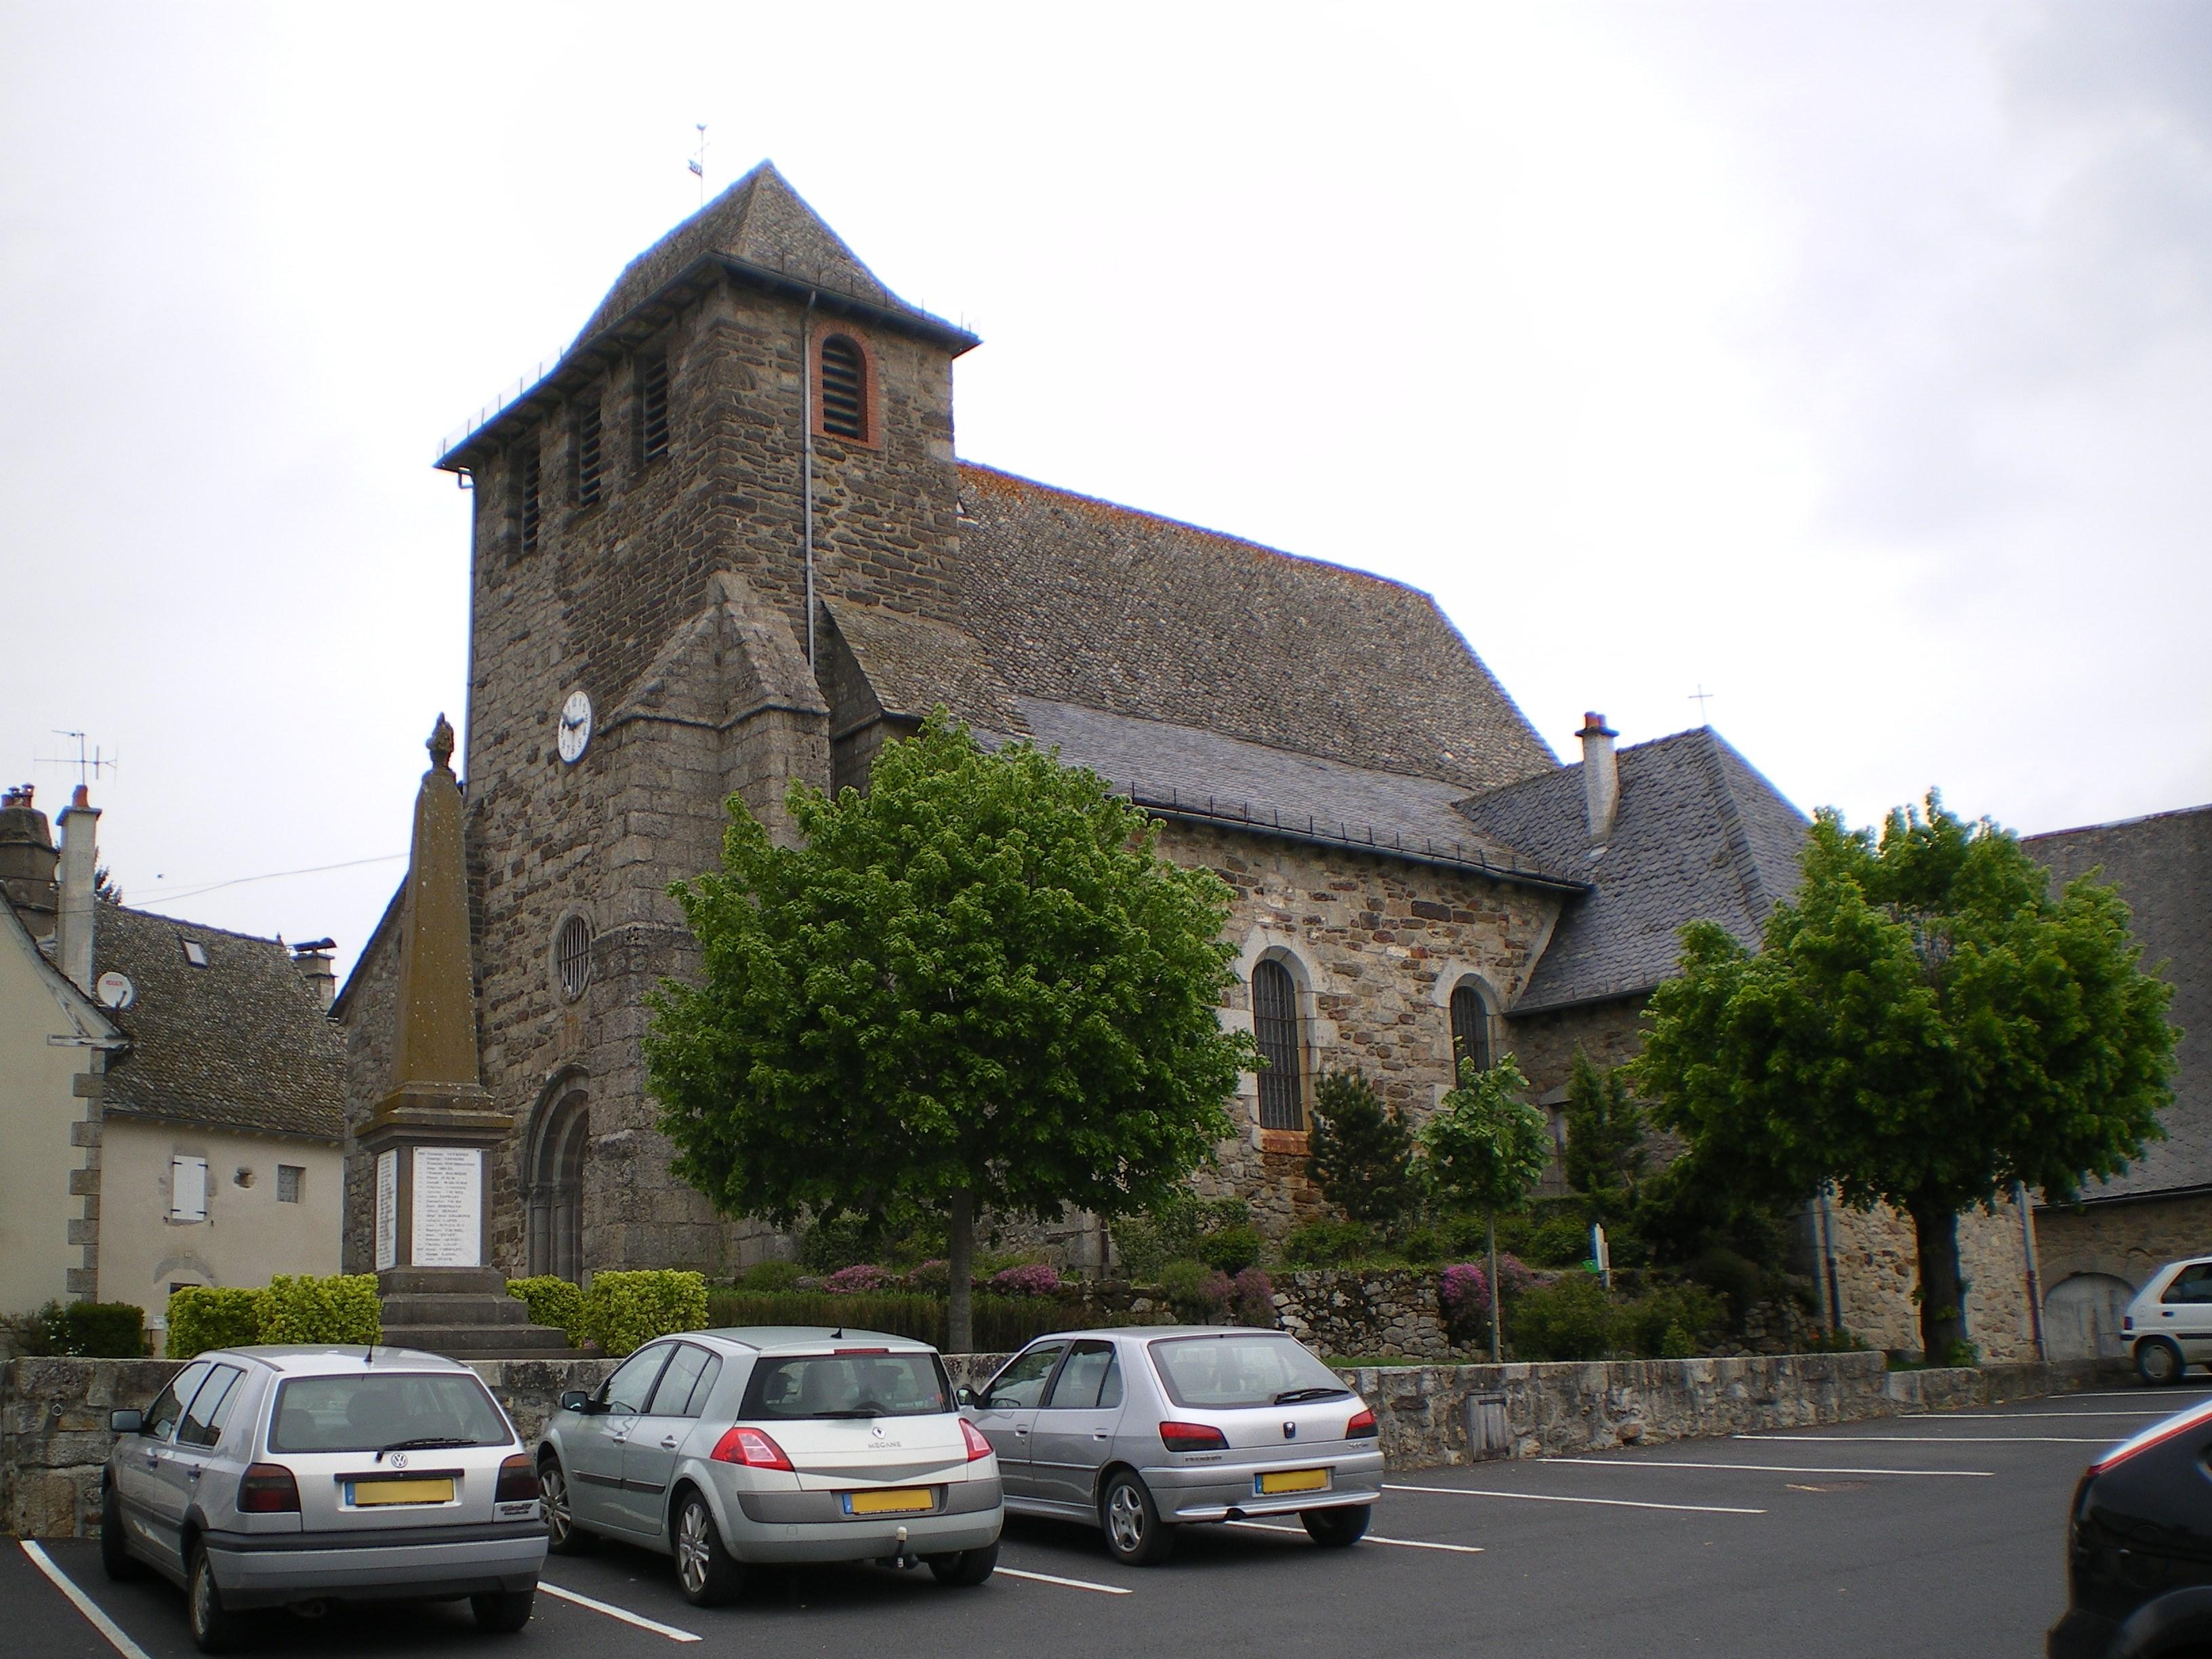 Saint-Mamet-la-Salvetat